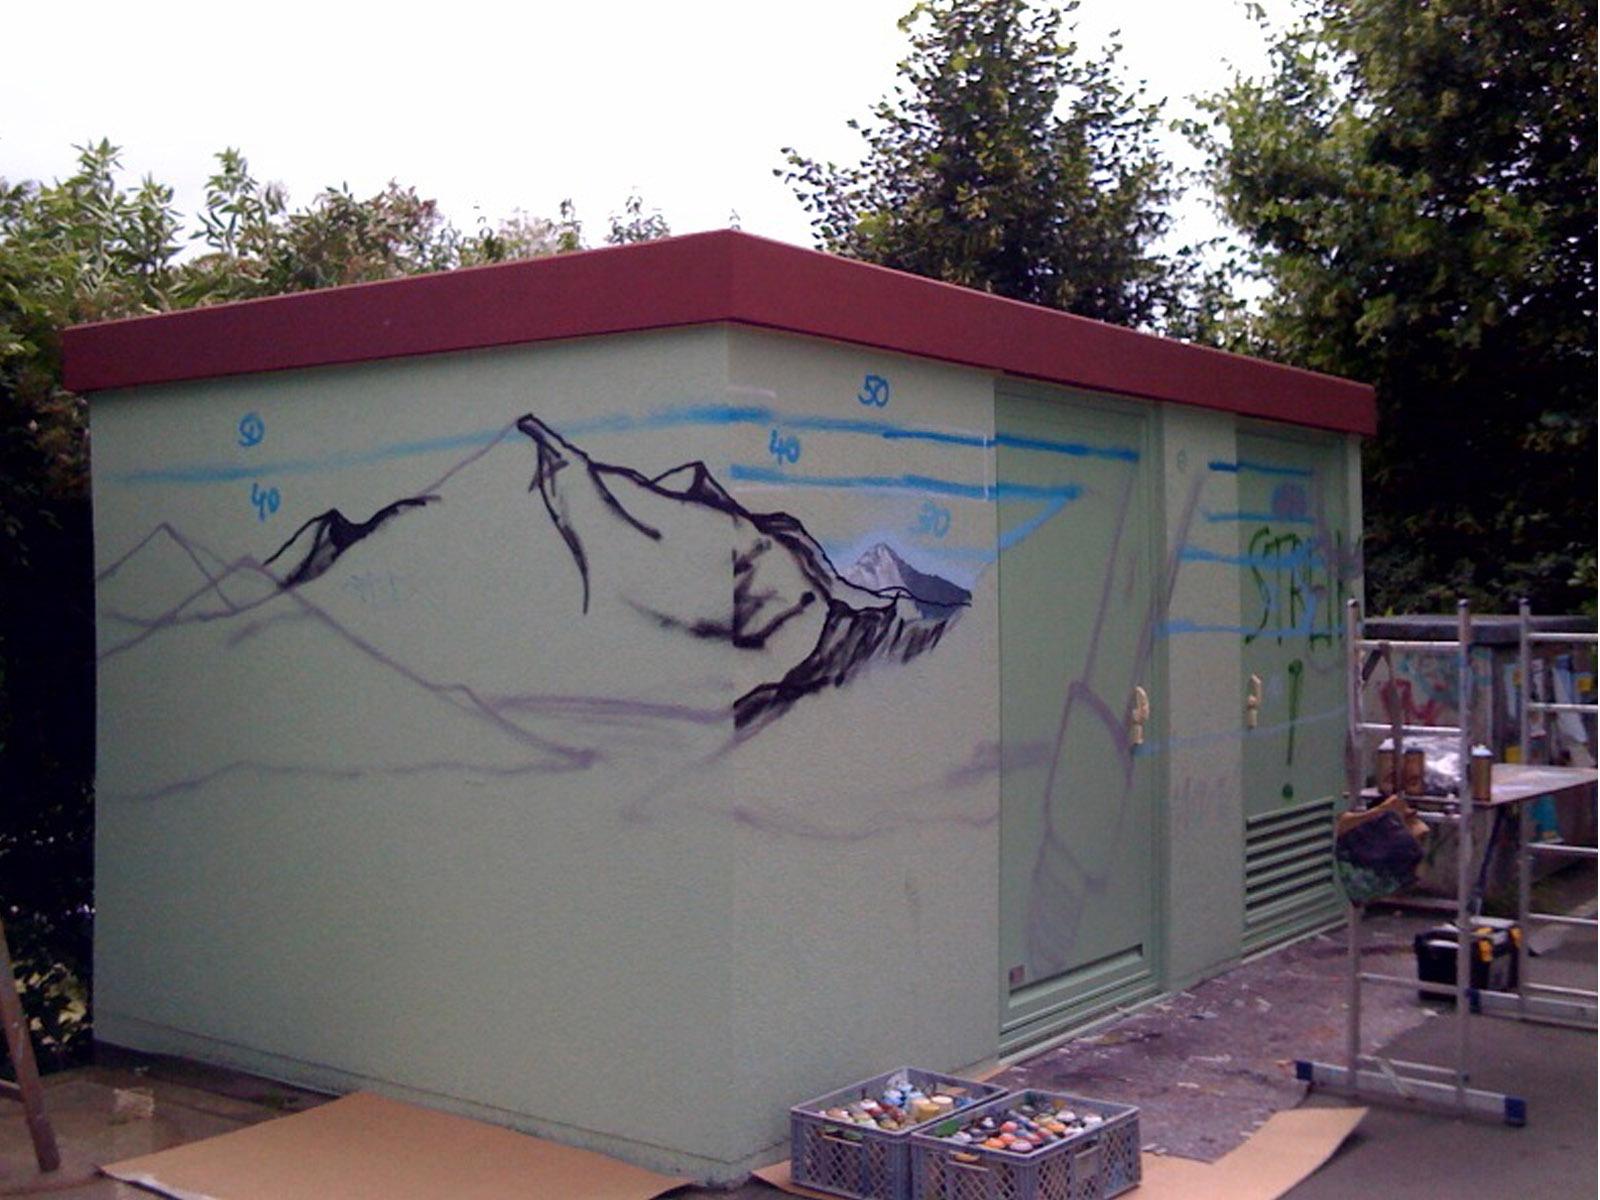 graffitiauftrag_graffitikuenstler_artmos4_stadtwerke_marburg_landschaft_energie